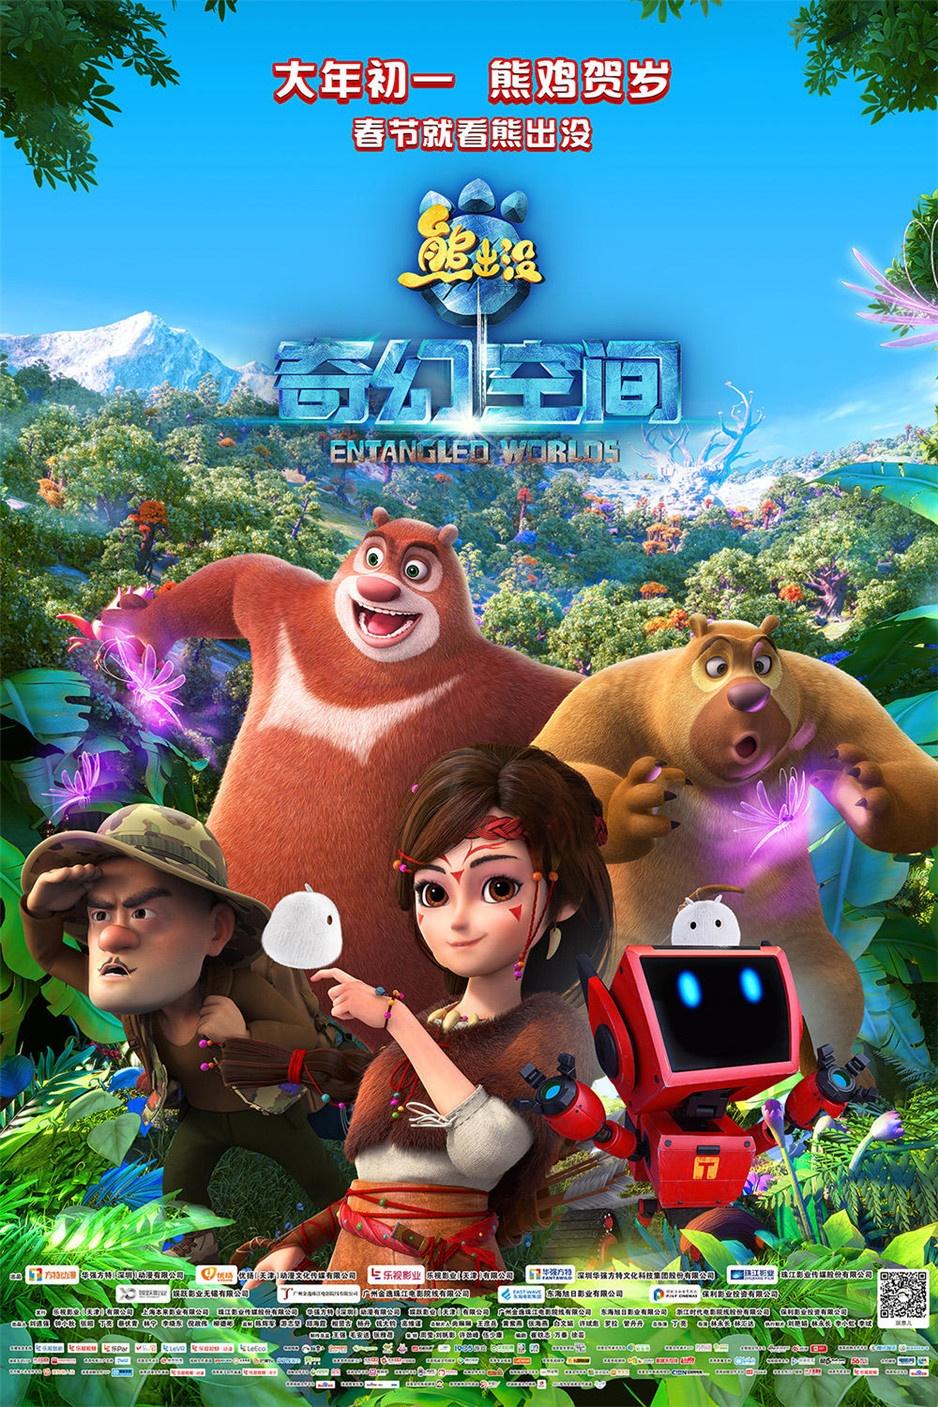 最新动画电影《熊出没·奇幻空间》海报图